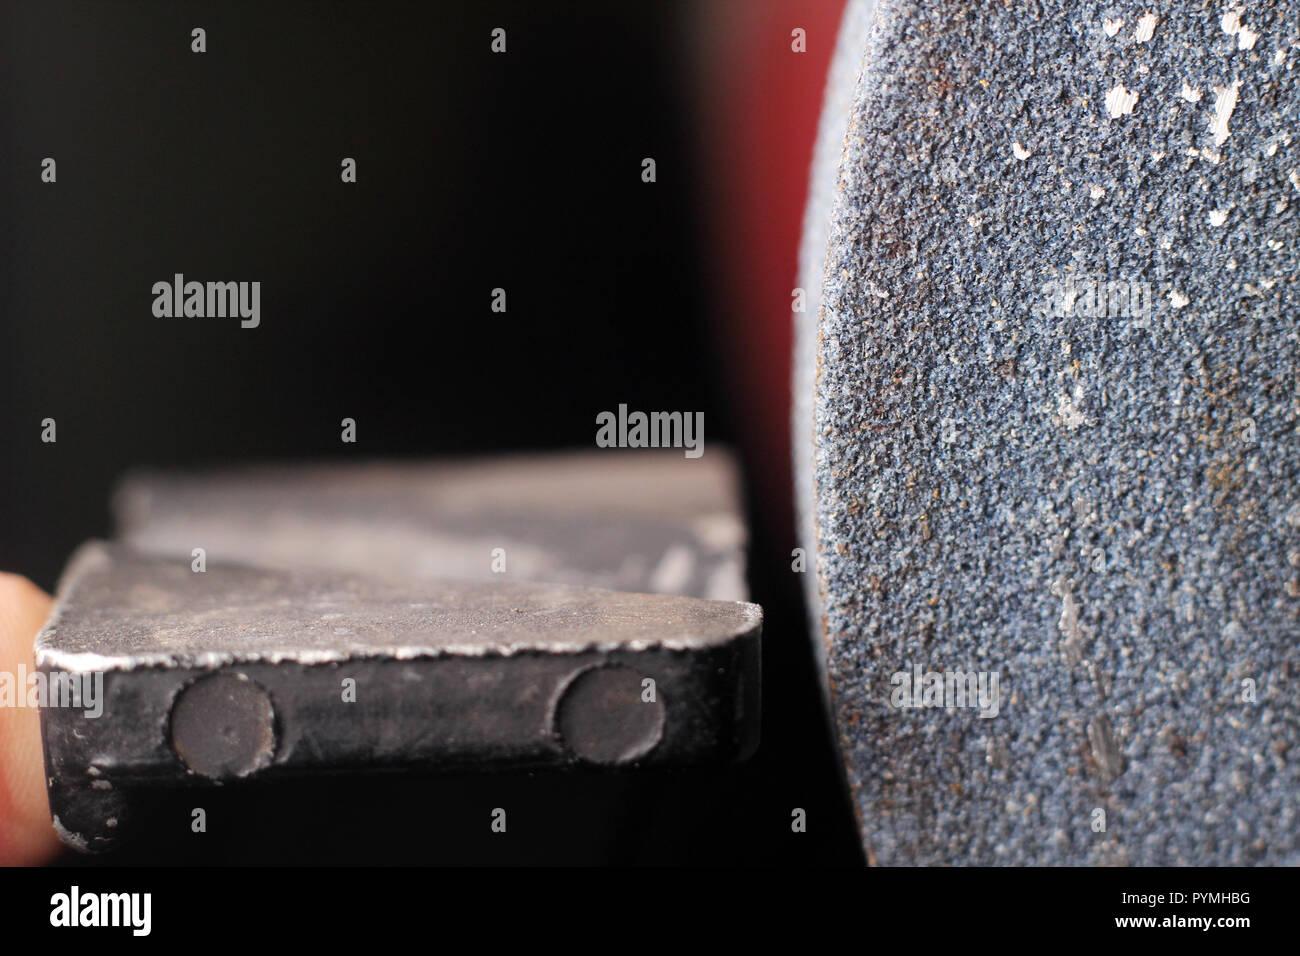 Emery - Stock Image